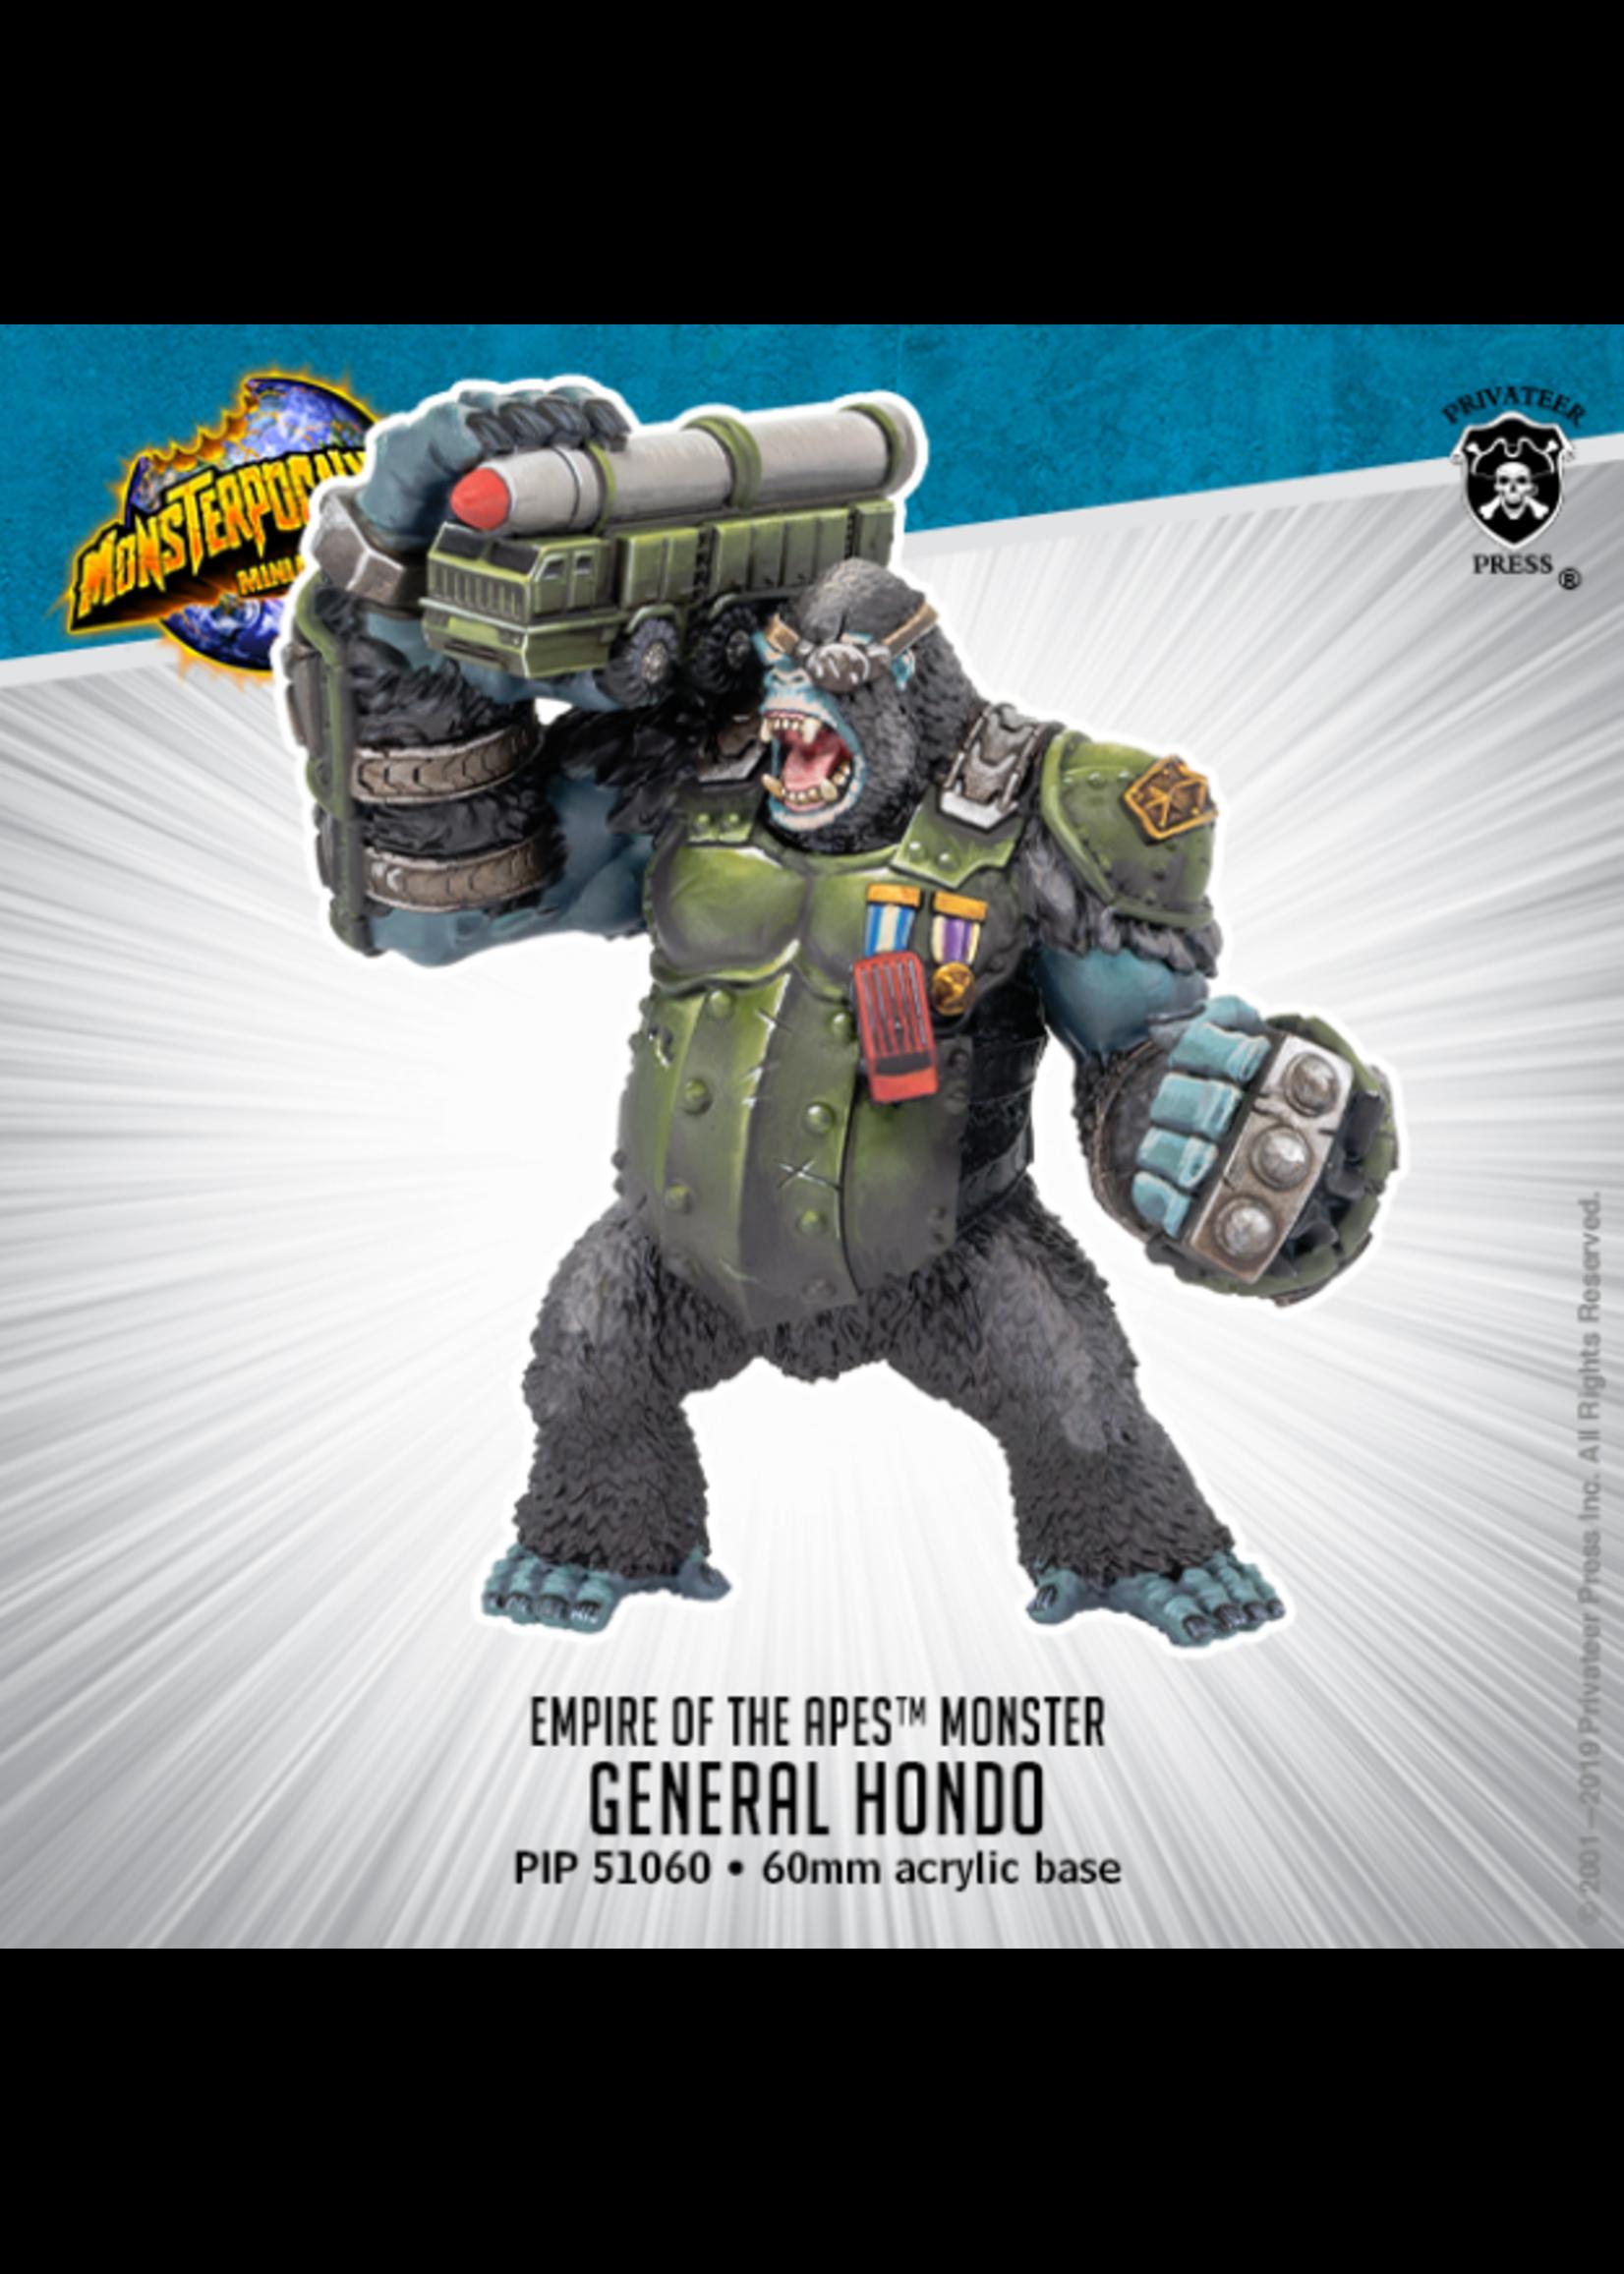 Monsterpocalypse: Empire of the Apes General Hondo Monster (Resin)